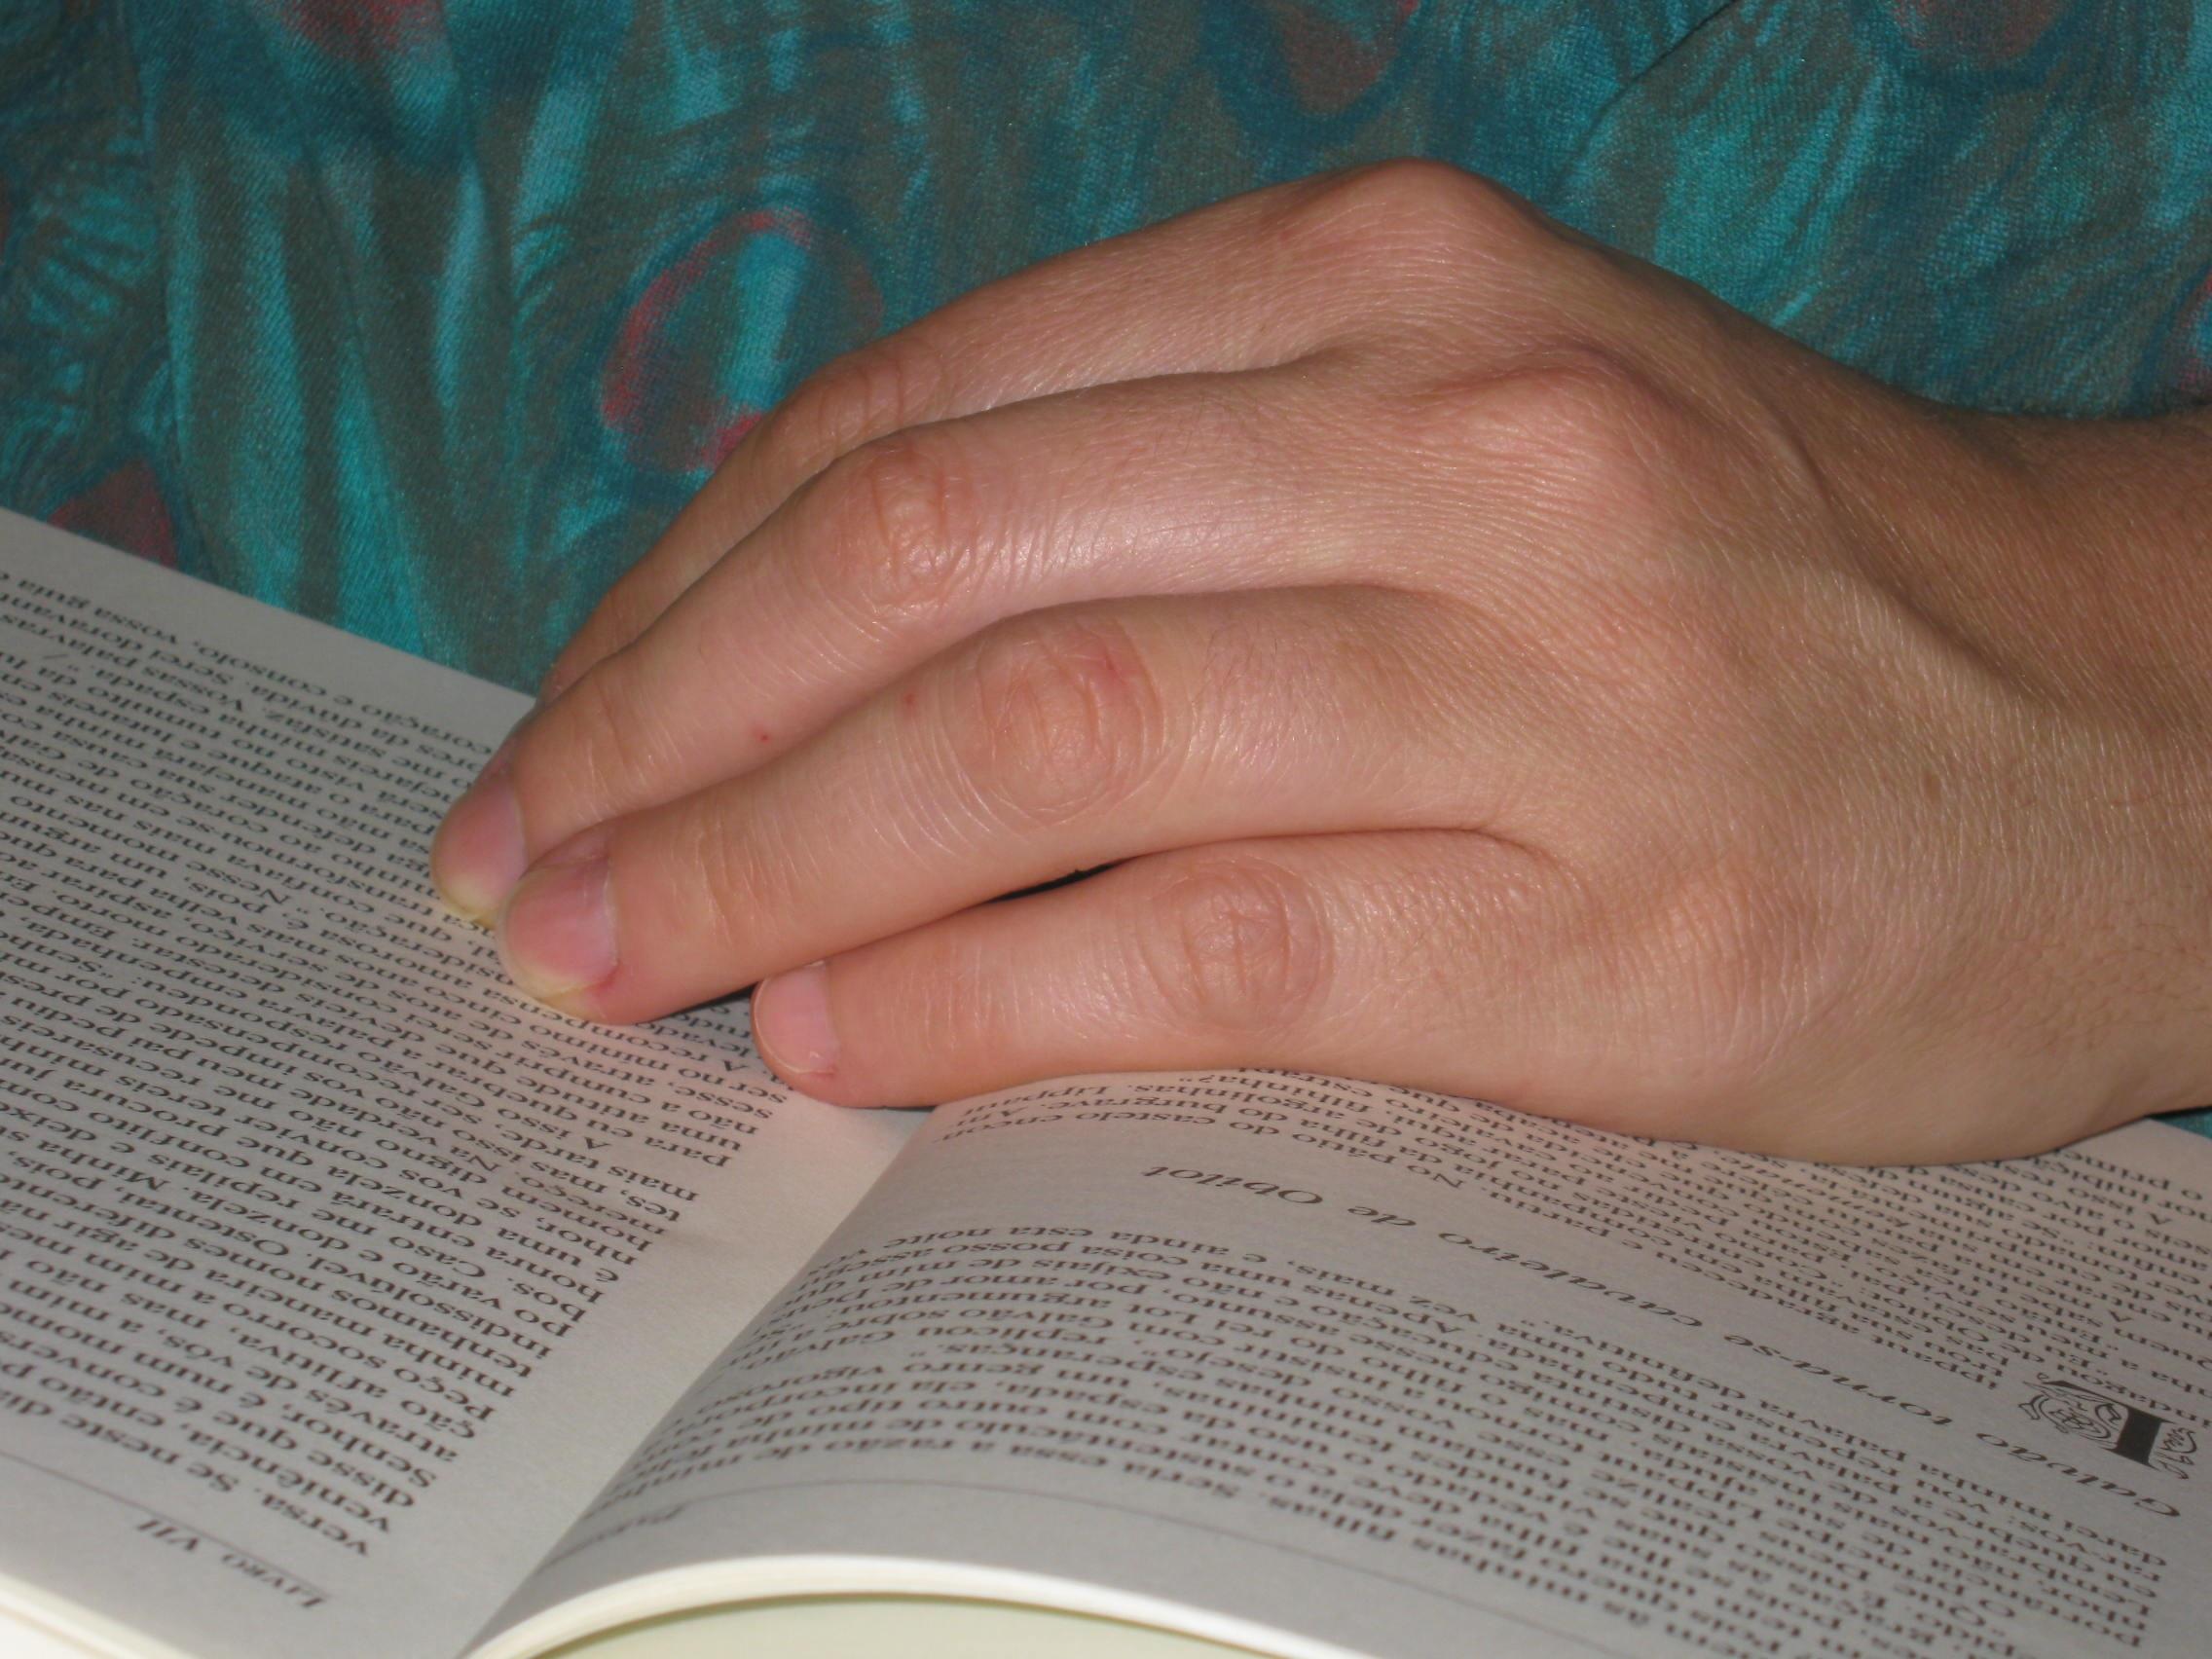 penulisan tangan Book Baca baca bacaan jari lengan merapatkan belajar jari kulit huruf belajar